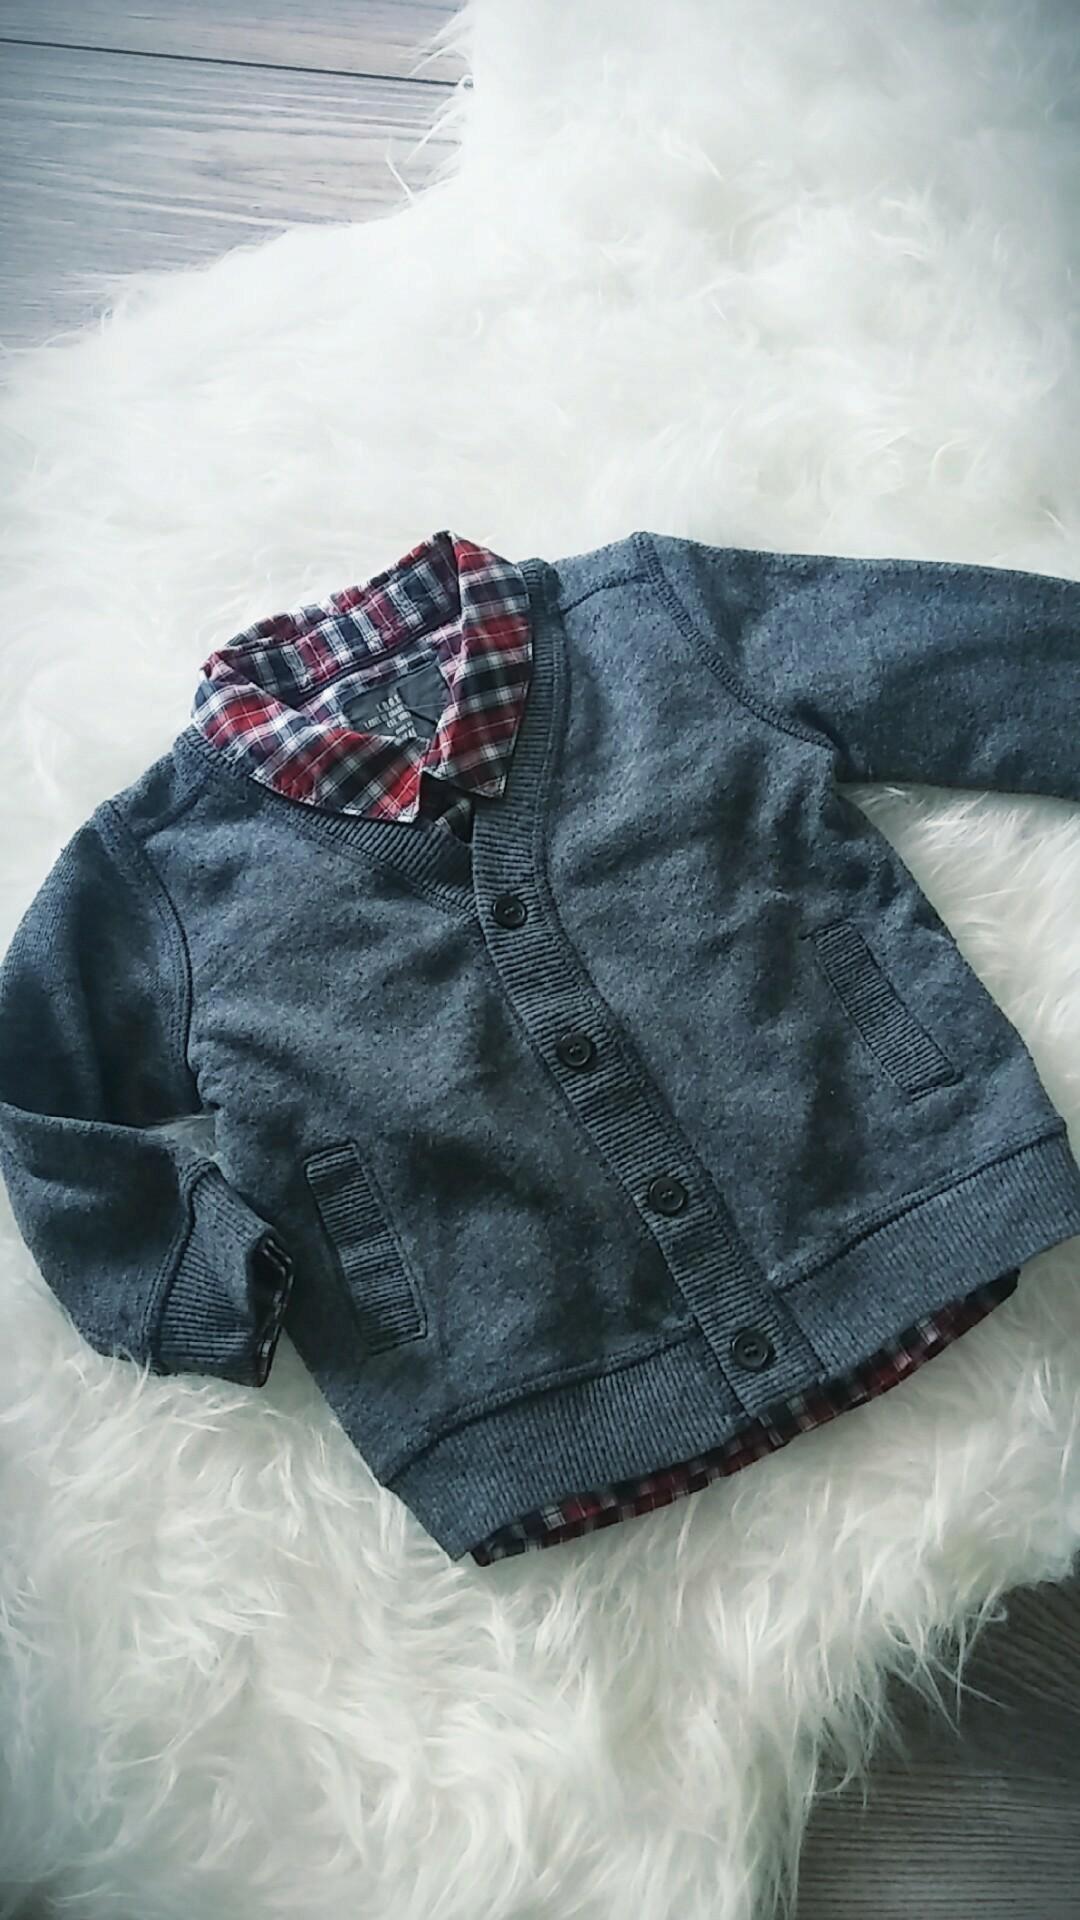 1c7f3b67a7 Koszula +sweterek H M roz.68 4-6 m - 7457016376 - oficjalne archiwum ...